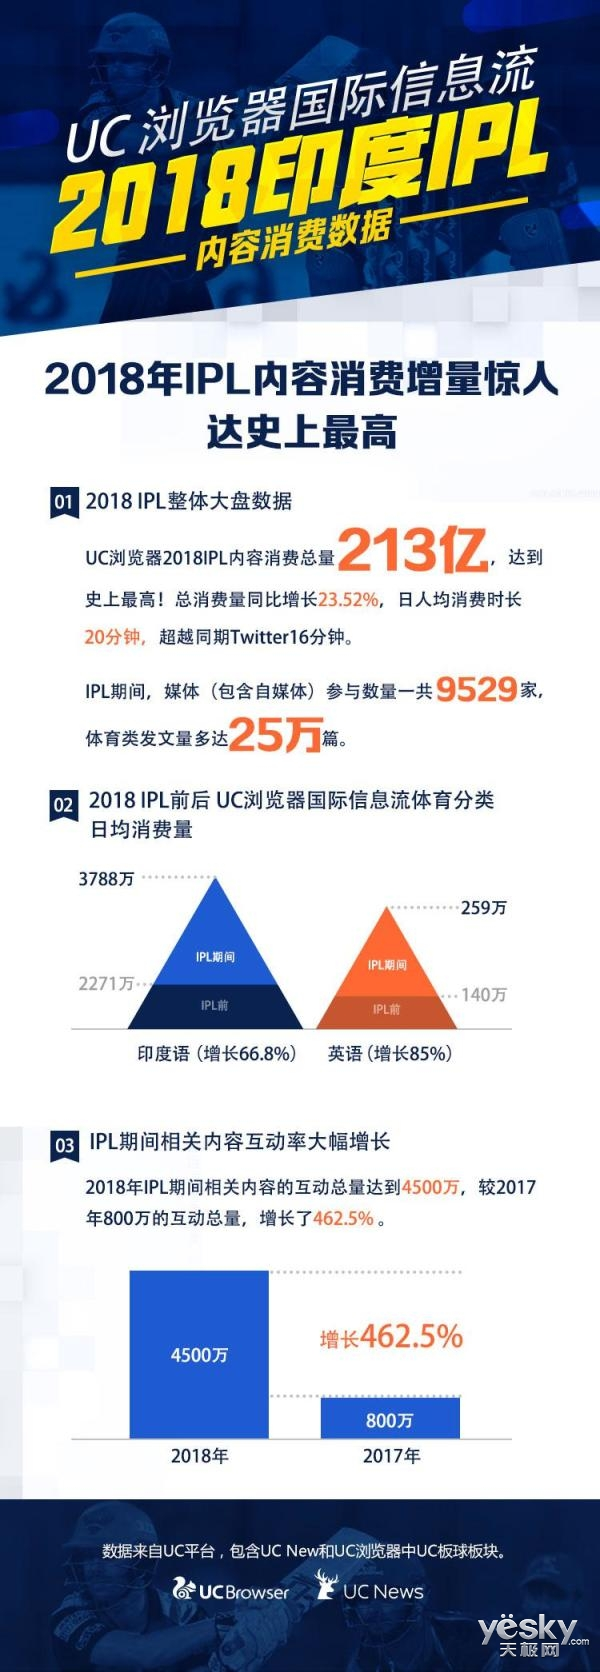 UC海外市场发力,研究显示在印度,用户内容消费时长超Twitter